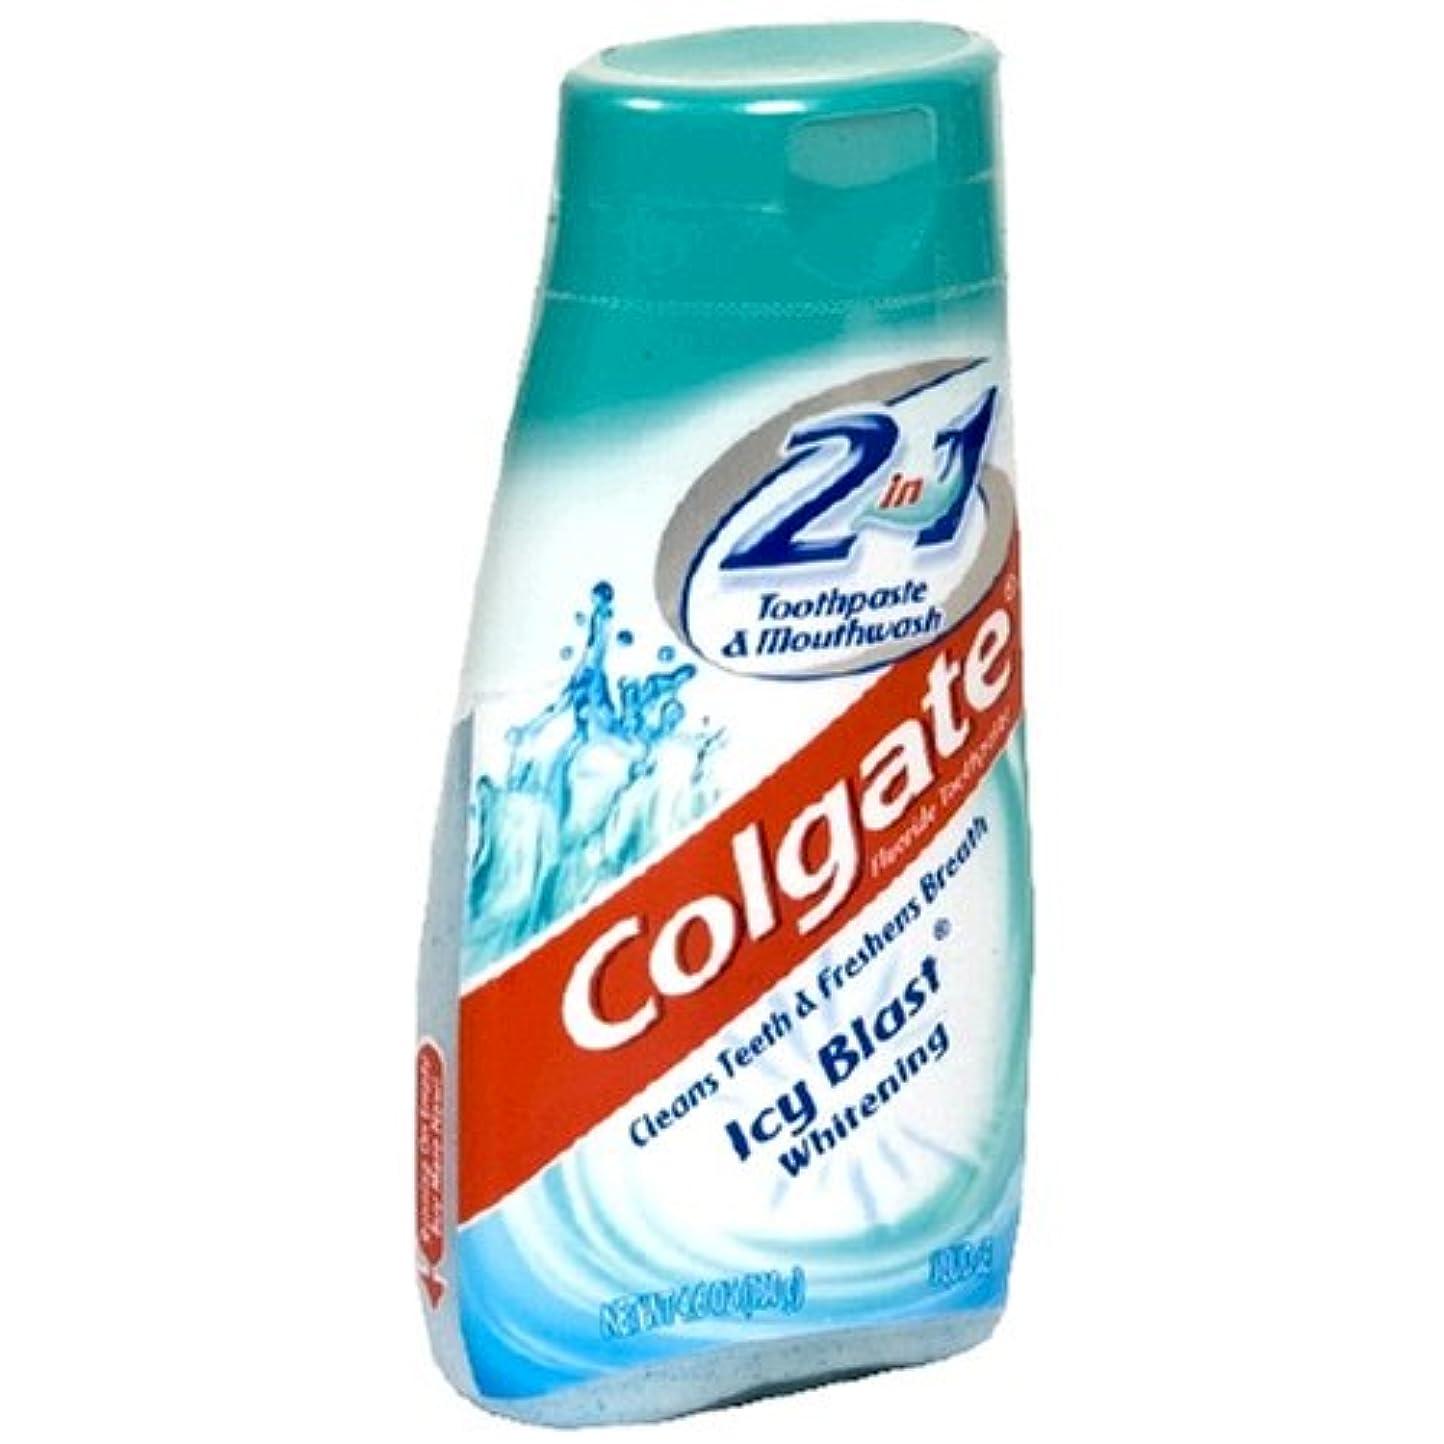 永遠にありがたい写真Colgate 2で1歯磨き粉およびマウスウォッシュ、美白アイシーブラスト - 4.6オズ